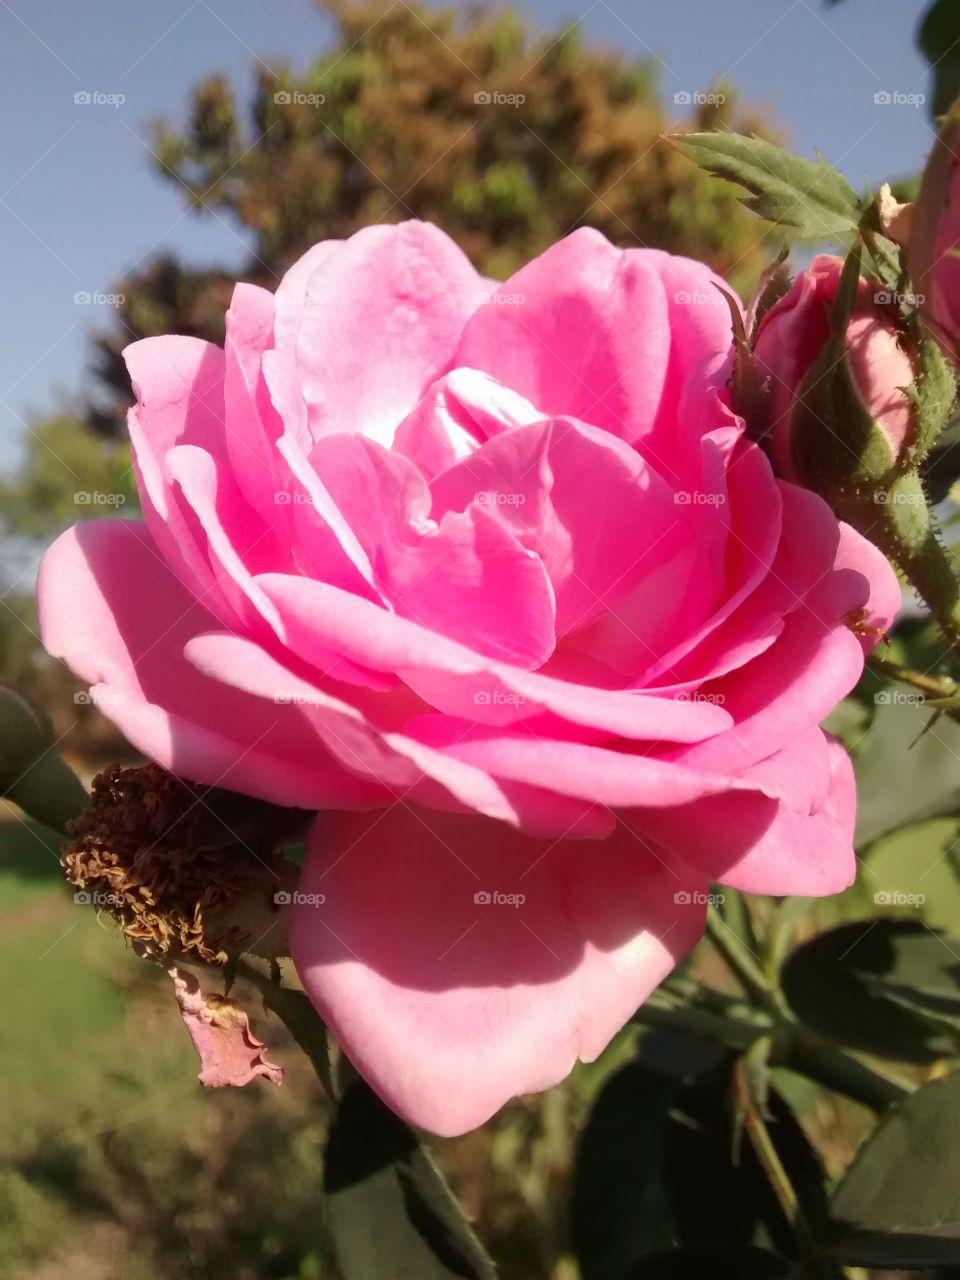 pinck flower